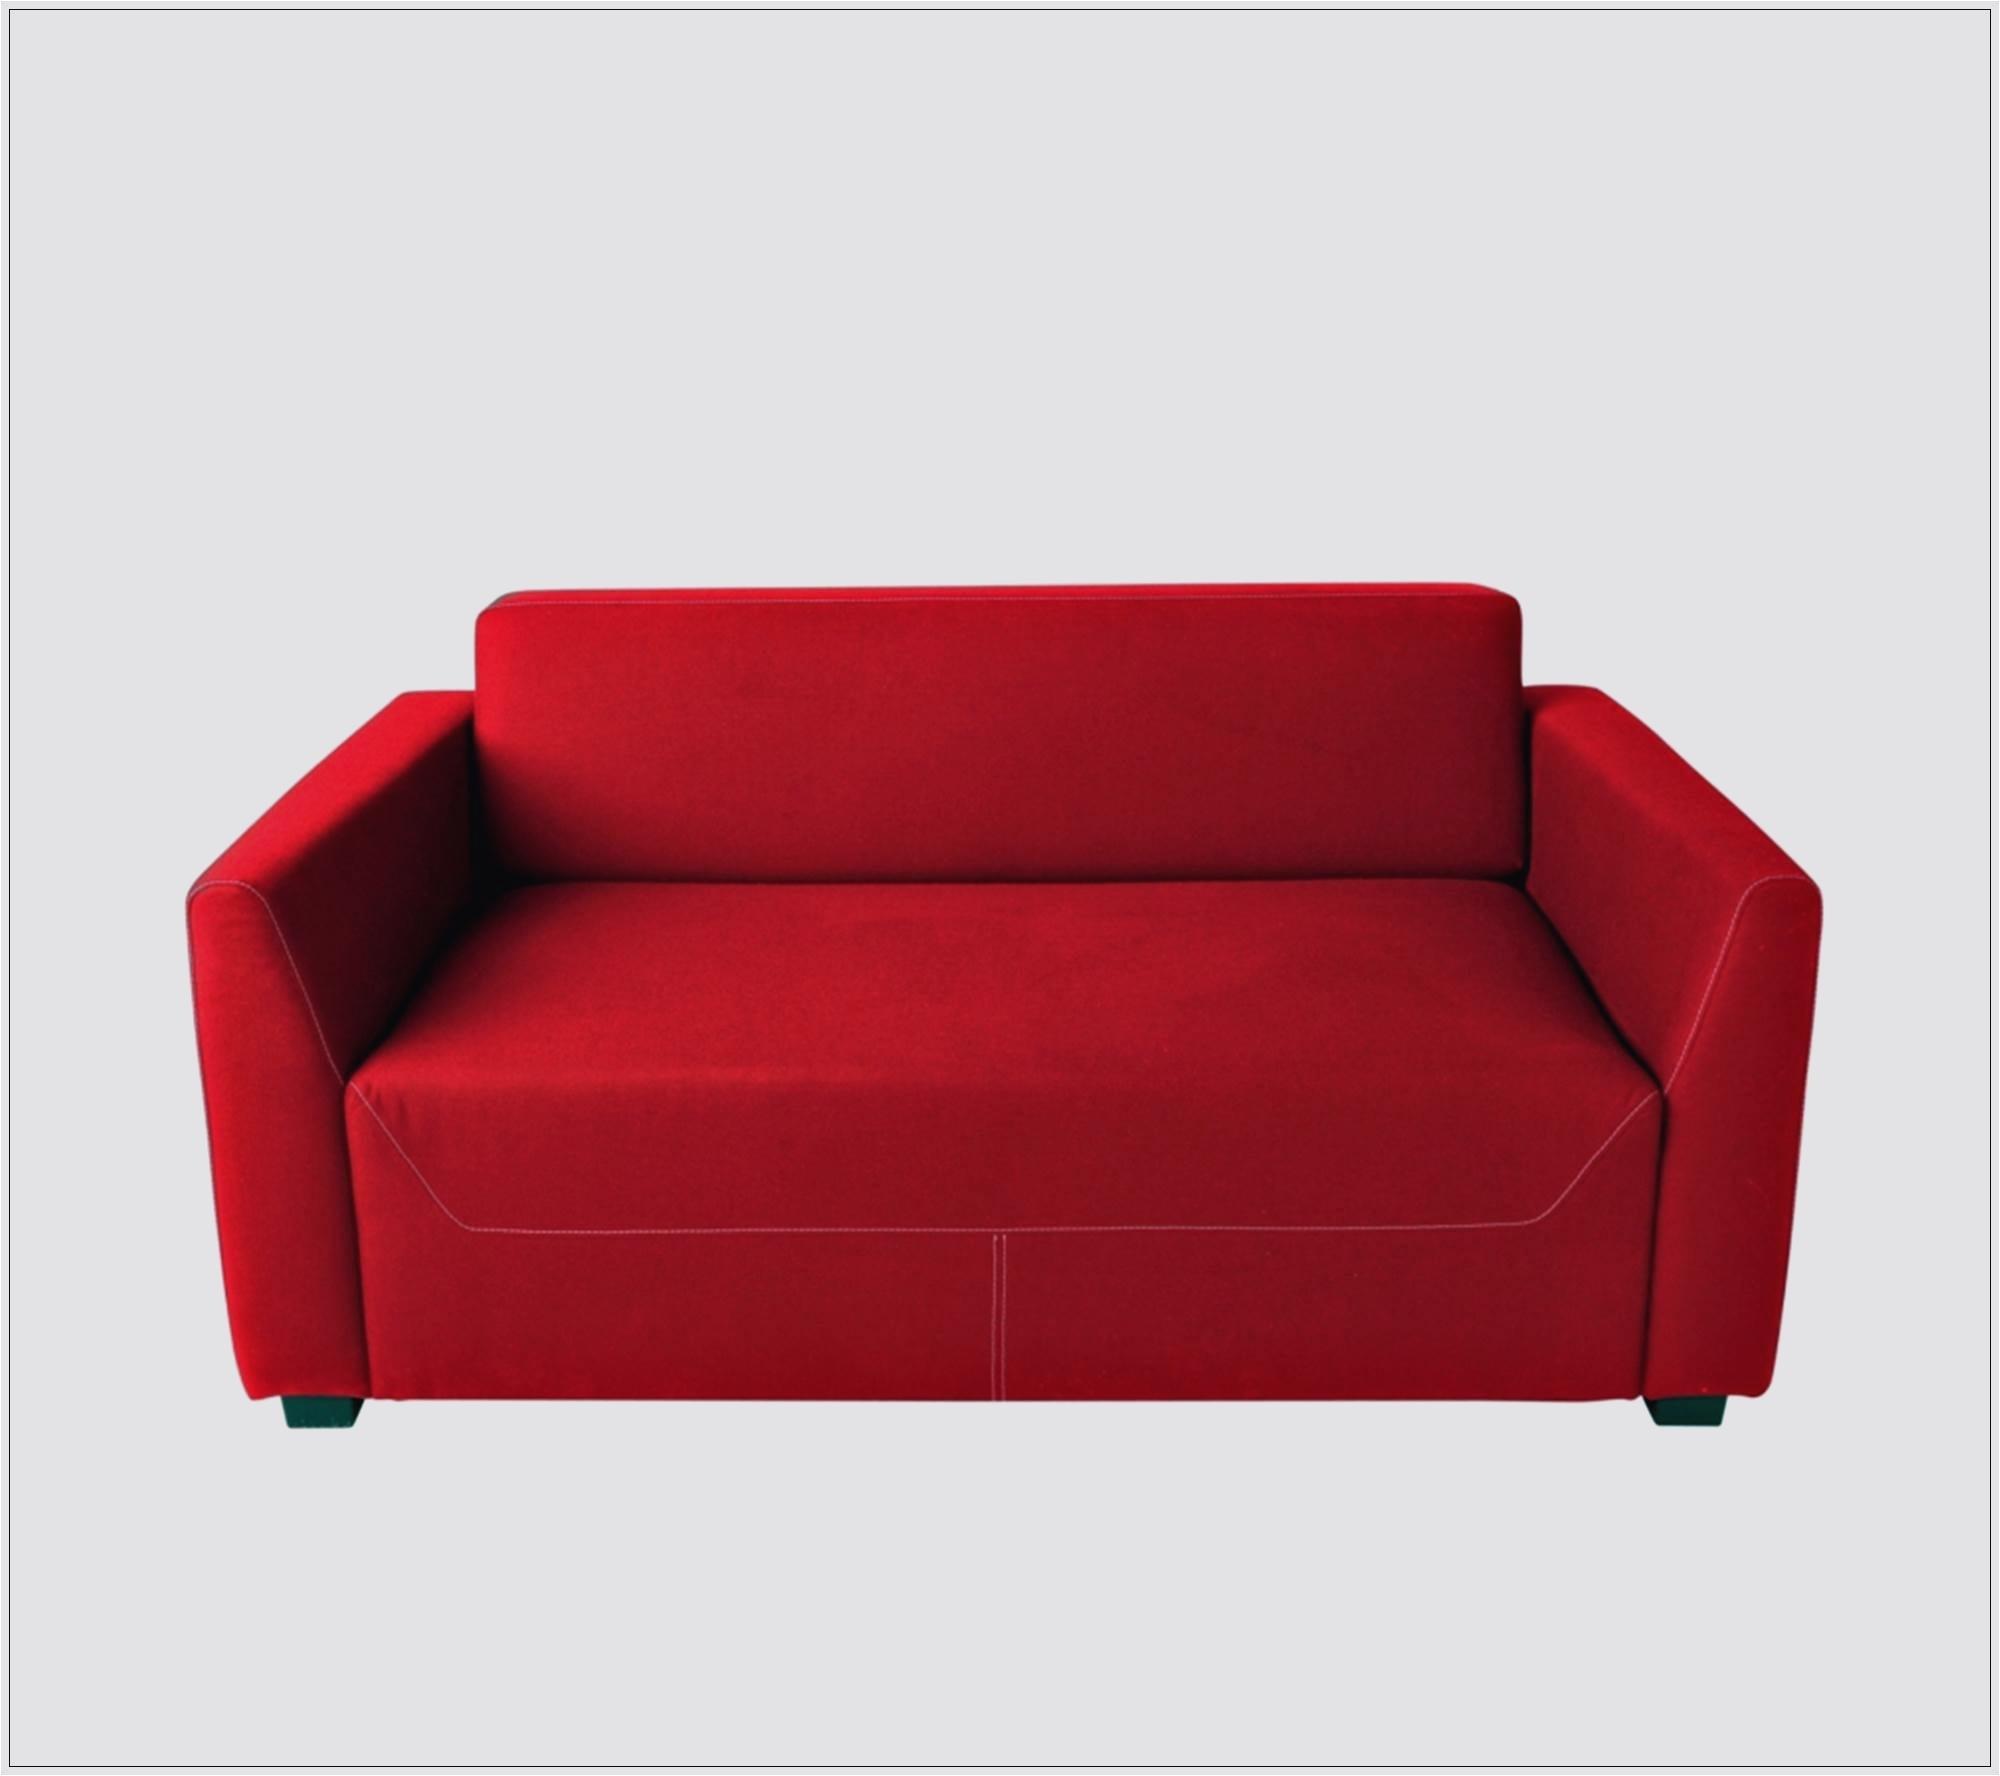 Canapé Friheten Ikea Meilleur De Collection Les Idées De Ma Maison